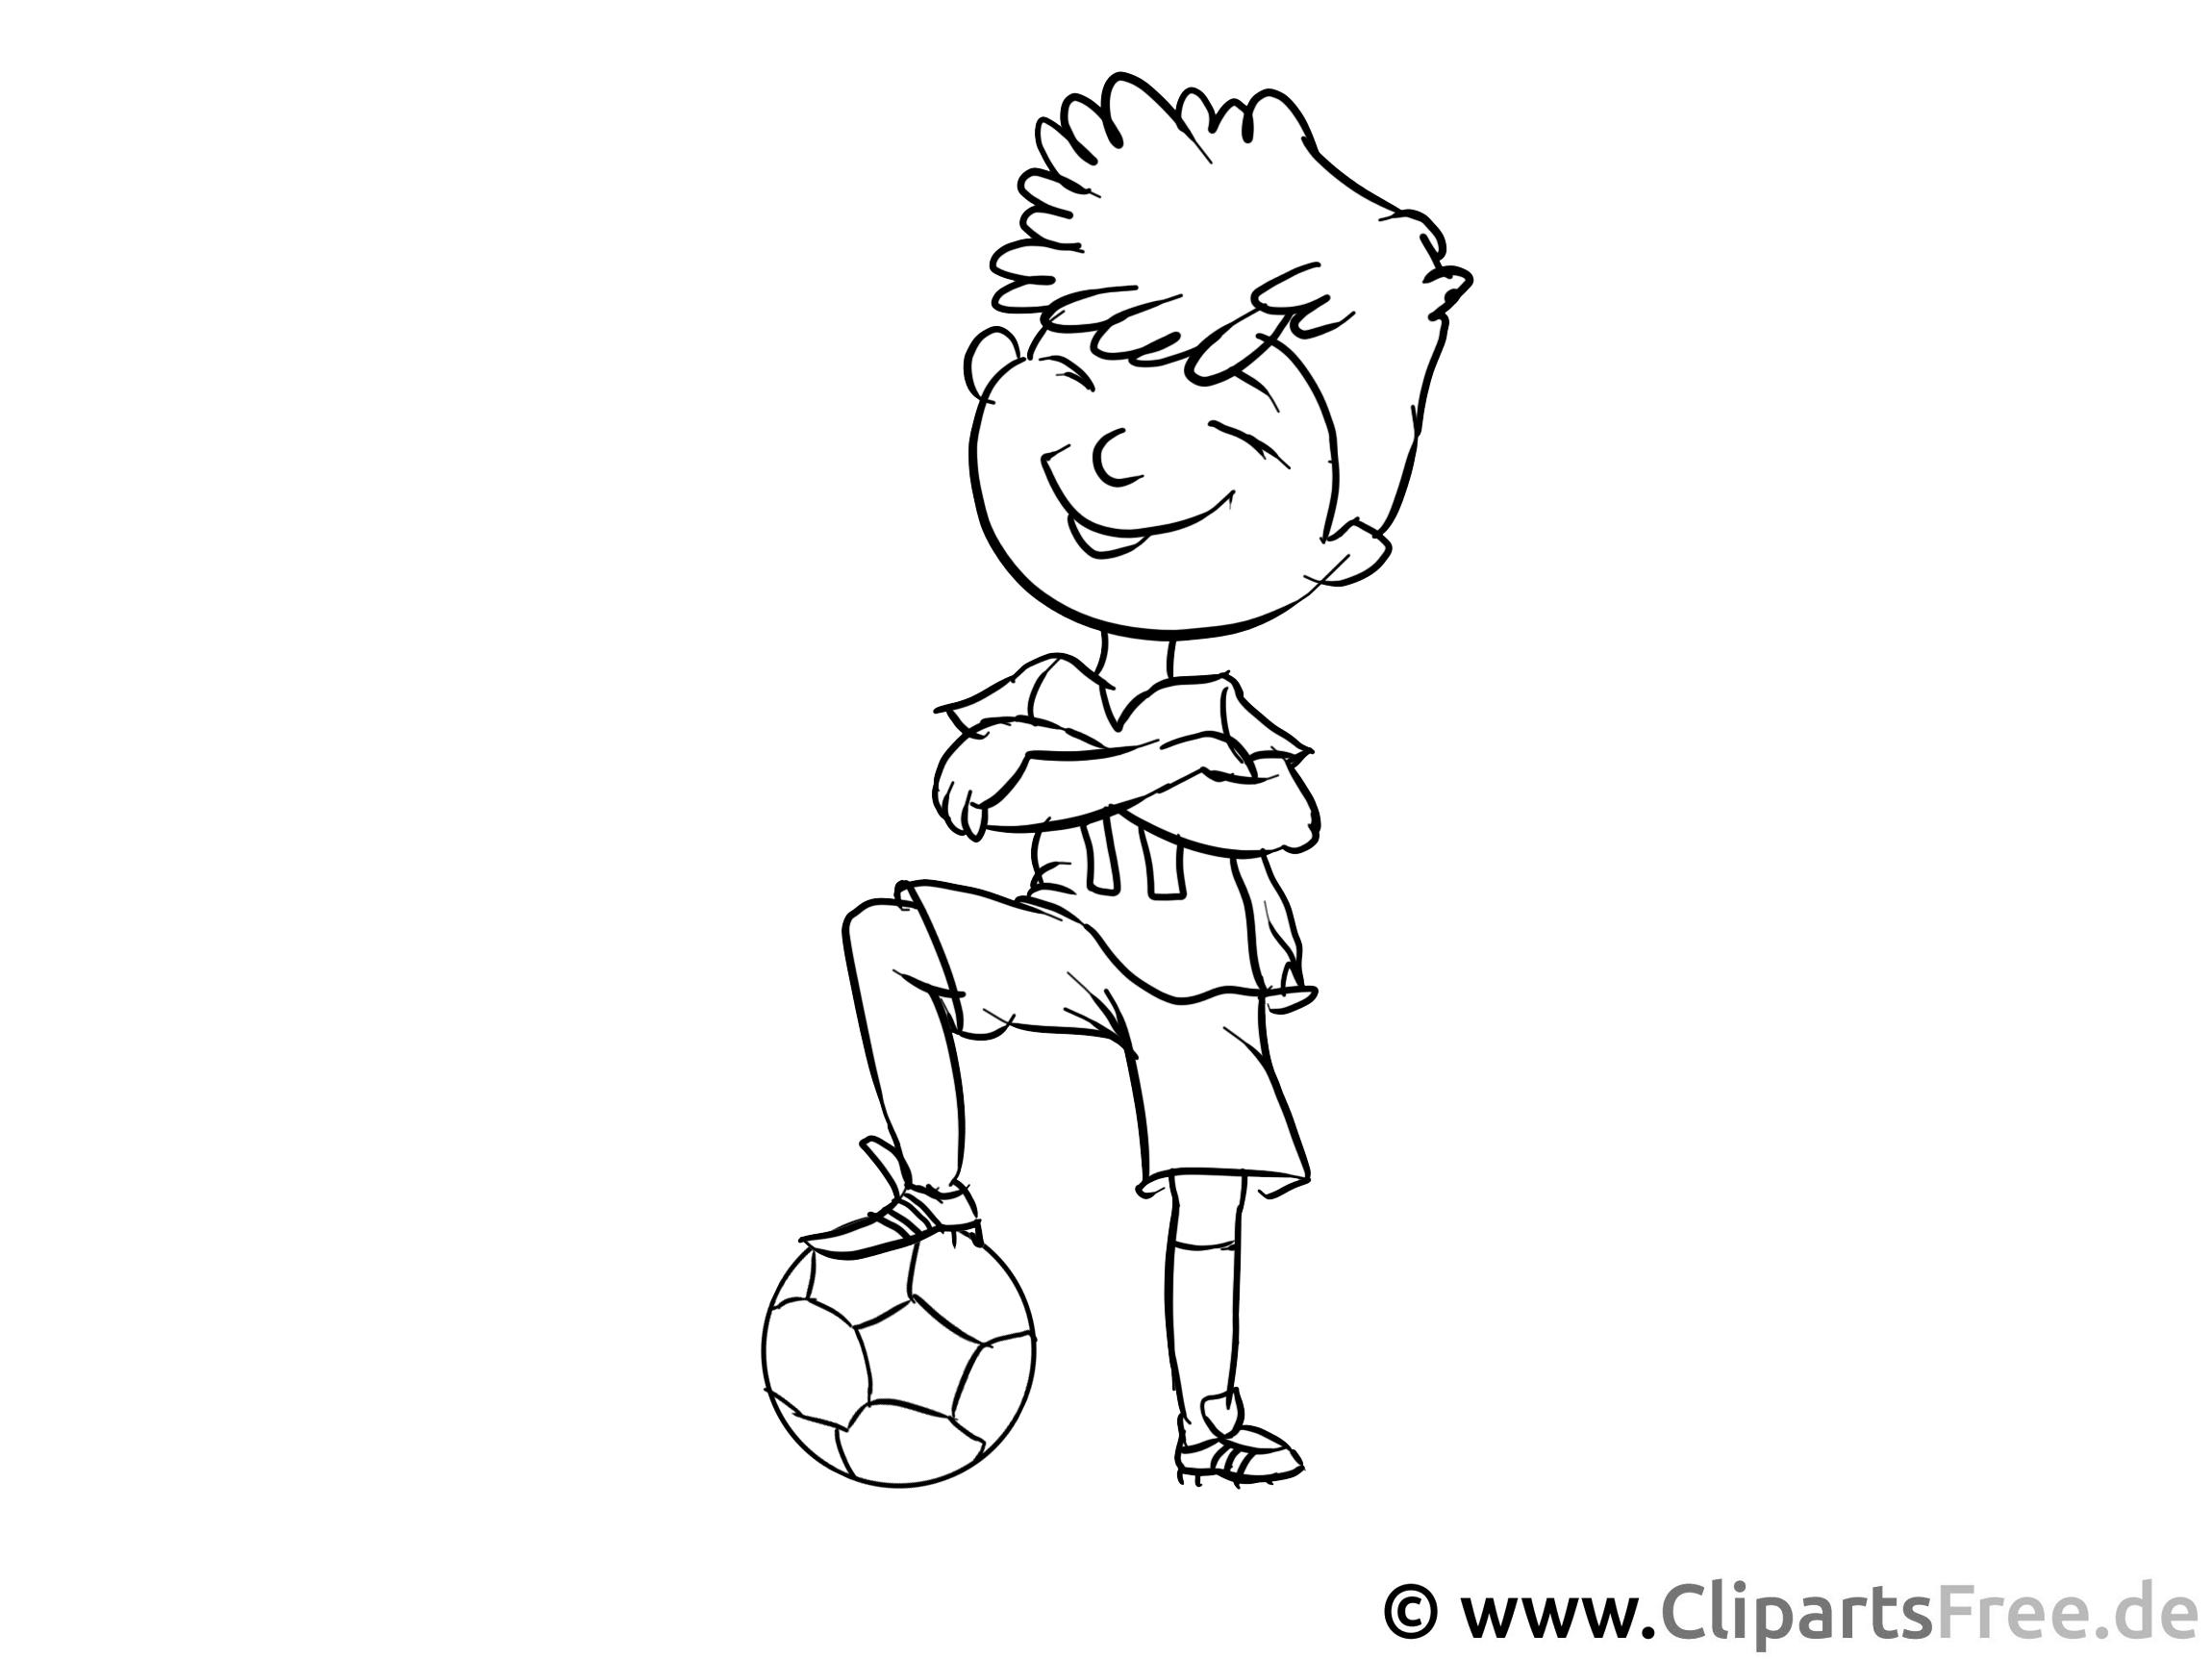 fussballspieler malvorlage - arbeitsblätter und